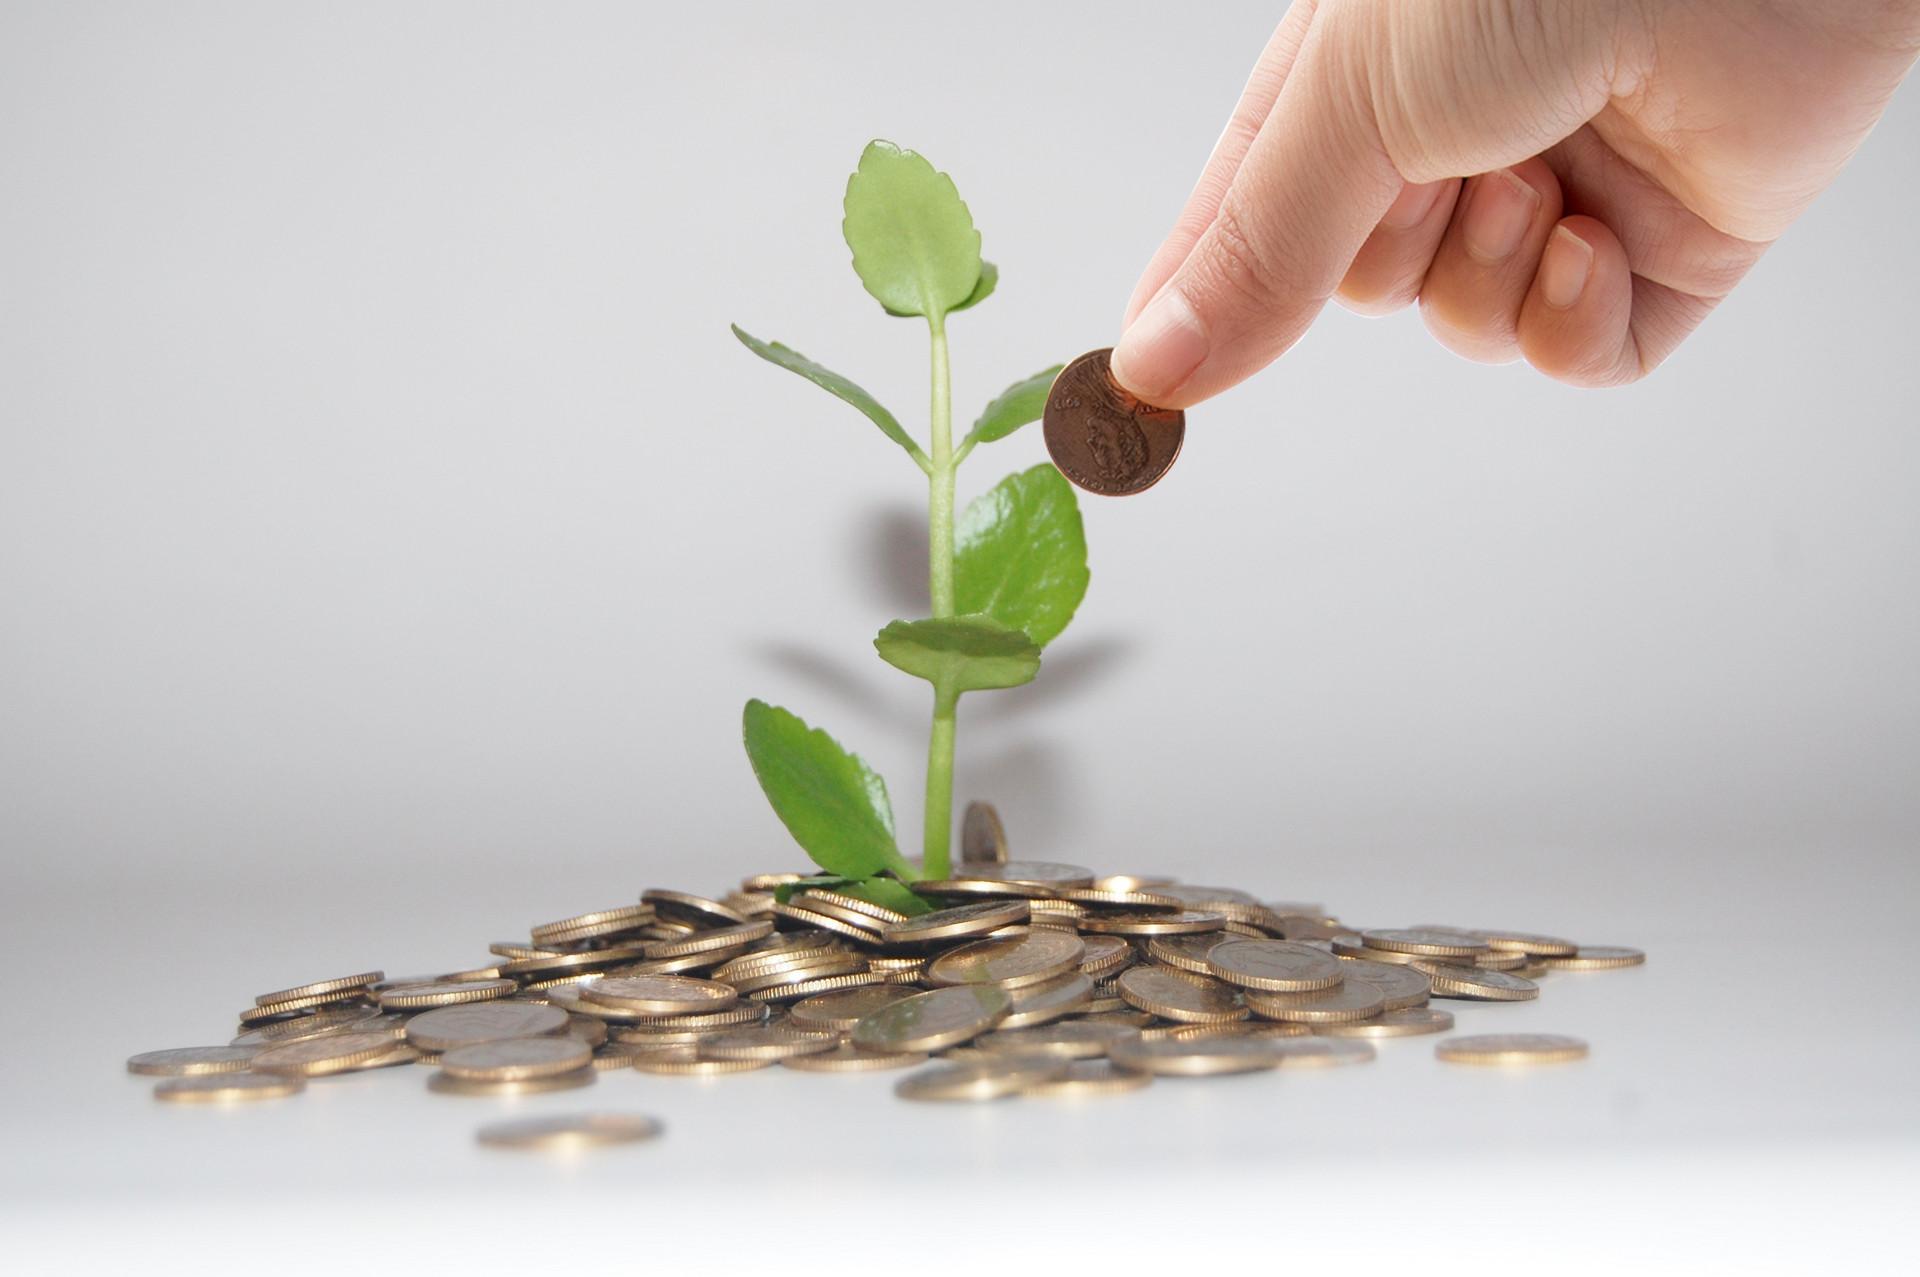 摄图网_500544715_banner_投资升值增长金融(企业商用).jpg